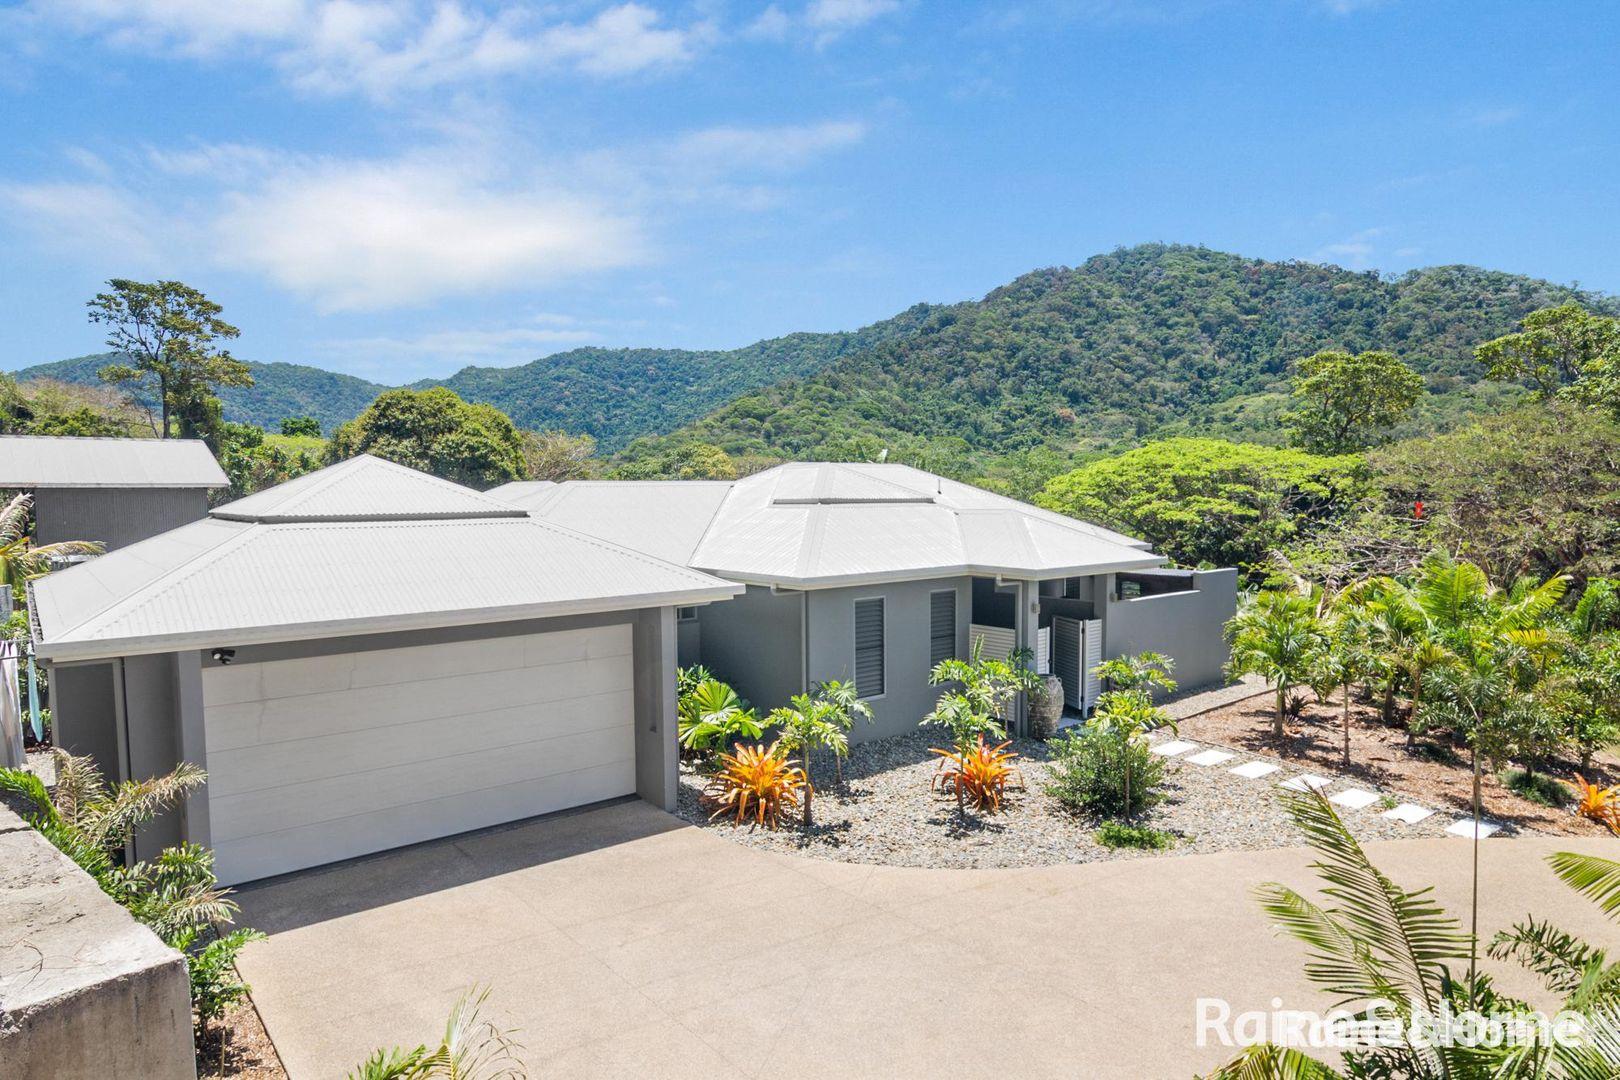 234 Mowbray River Road, Mowbray QLD 4877, Image 0